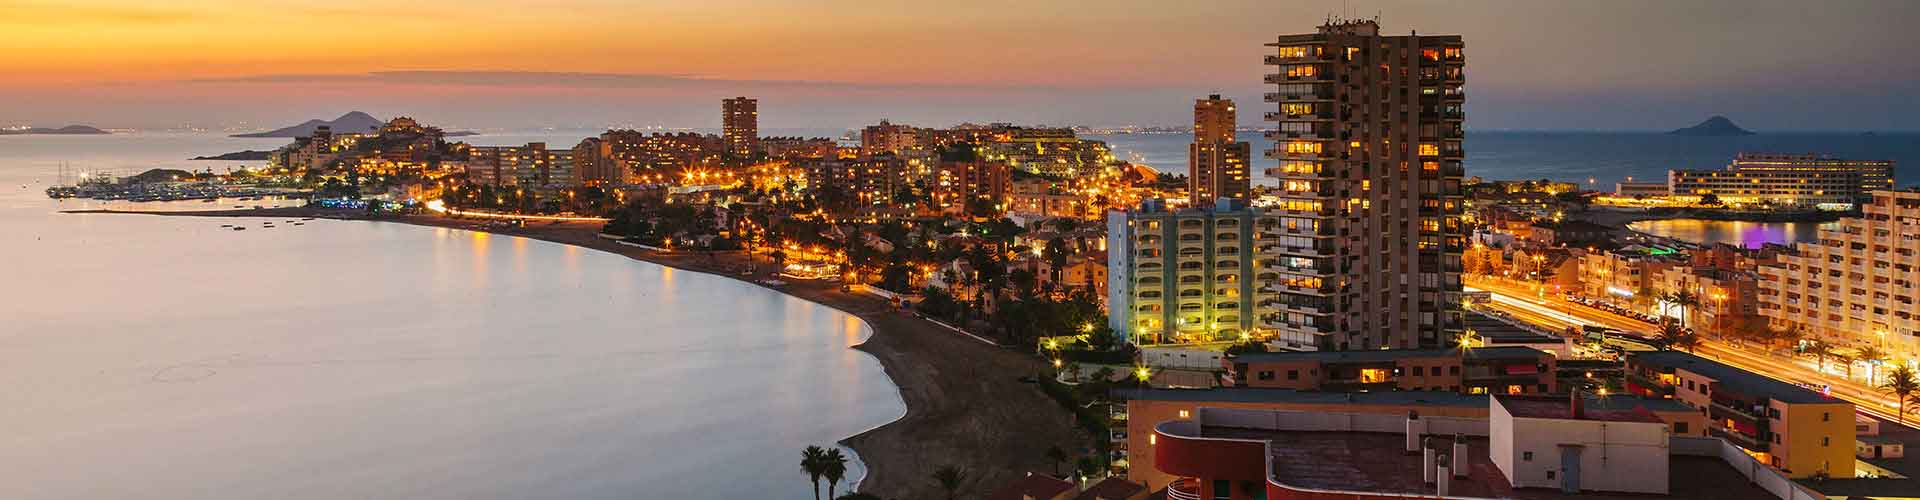 Murcia - Hoteles baratos en el distrito Centro. Mapas de Murcia, Fotos y comentarios de cada Hotel barato en Murcia.